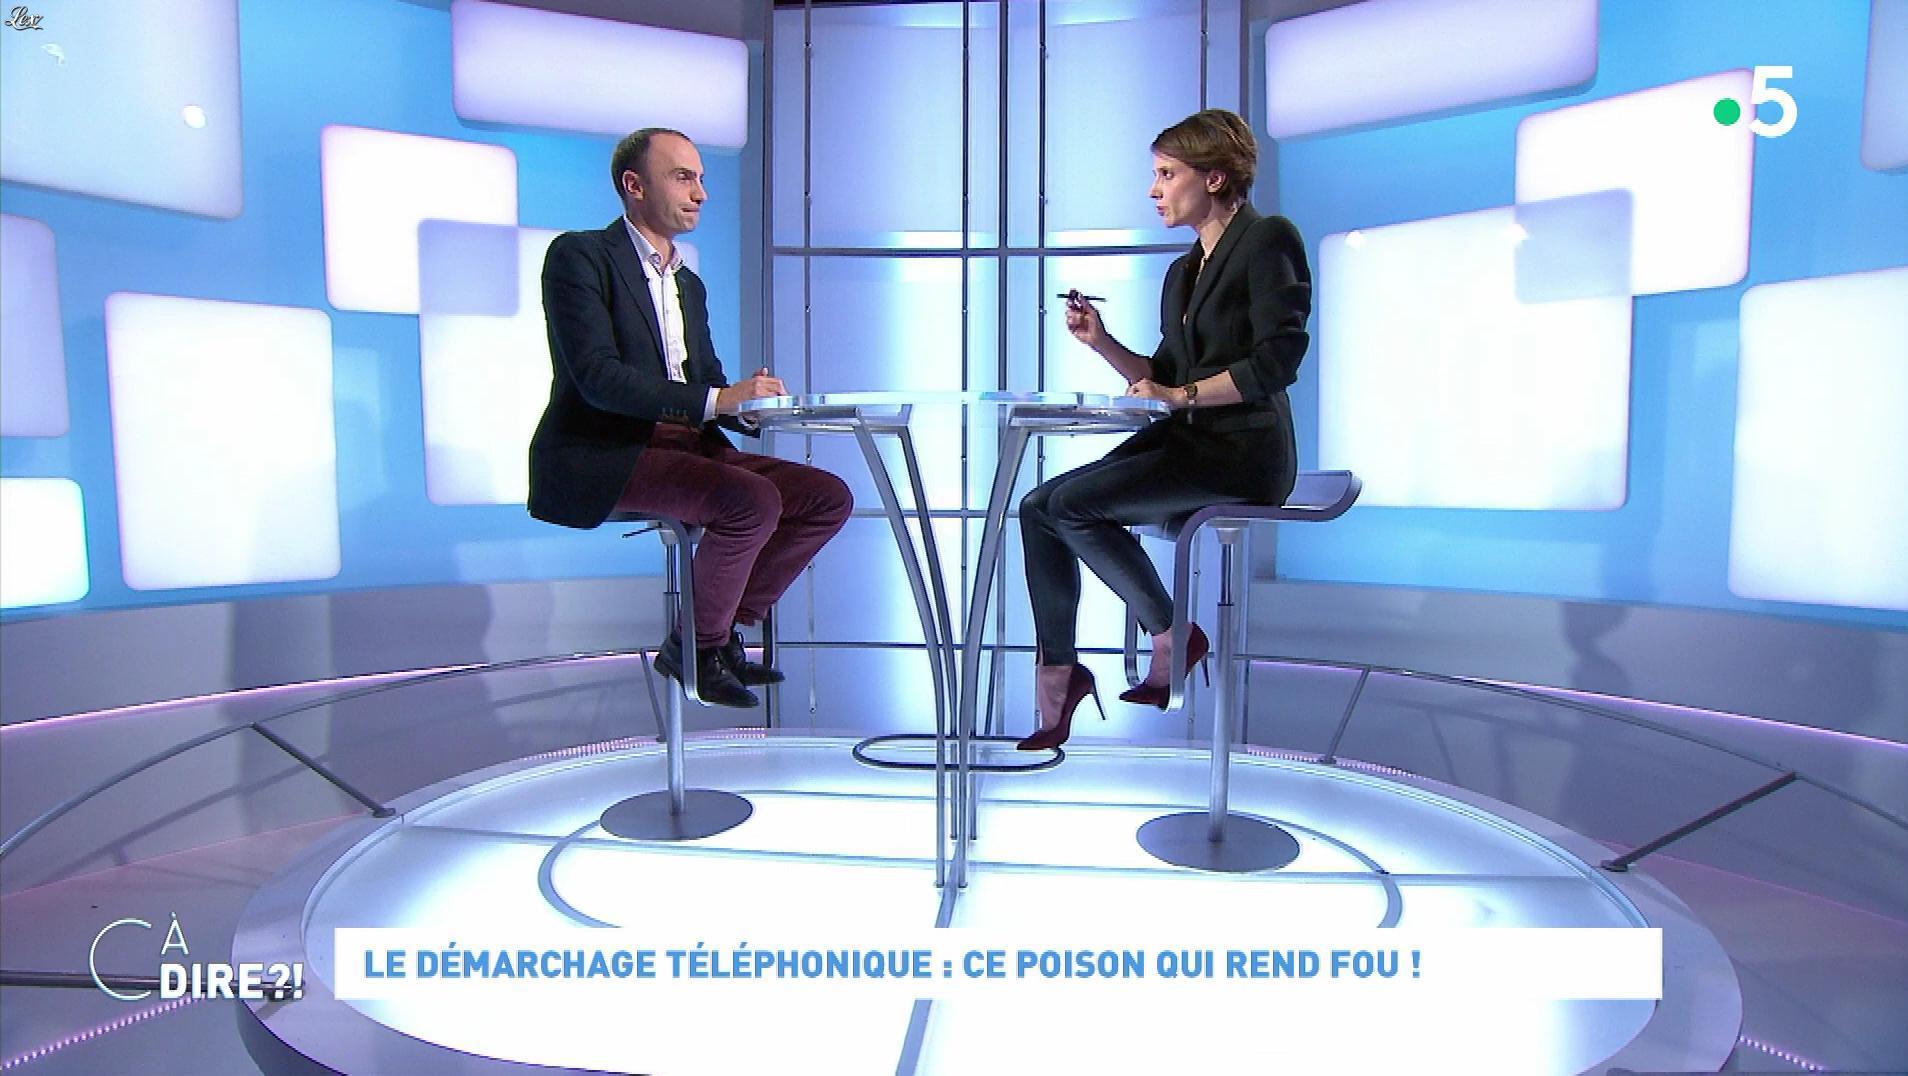 Mélanie Taravant dans C à Dire. Diffusé à la télévision le 20/01/20.